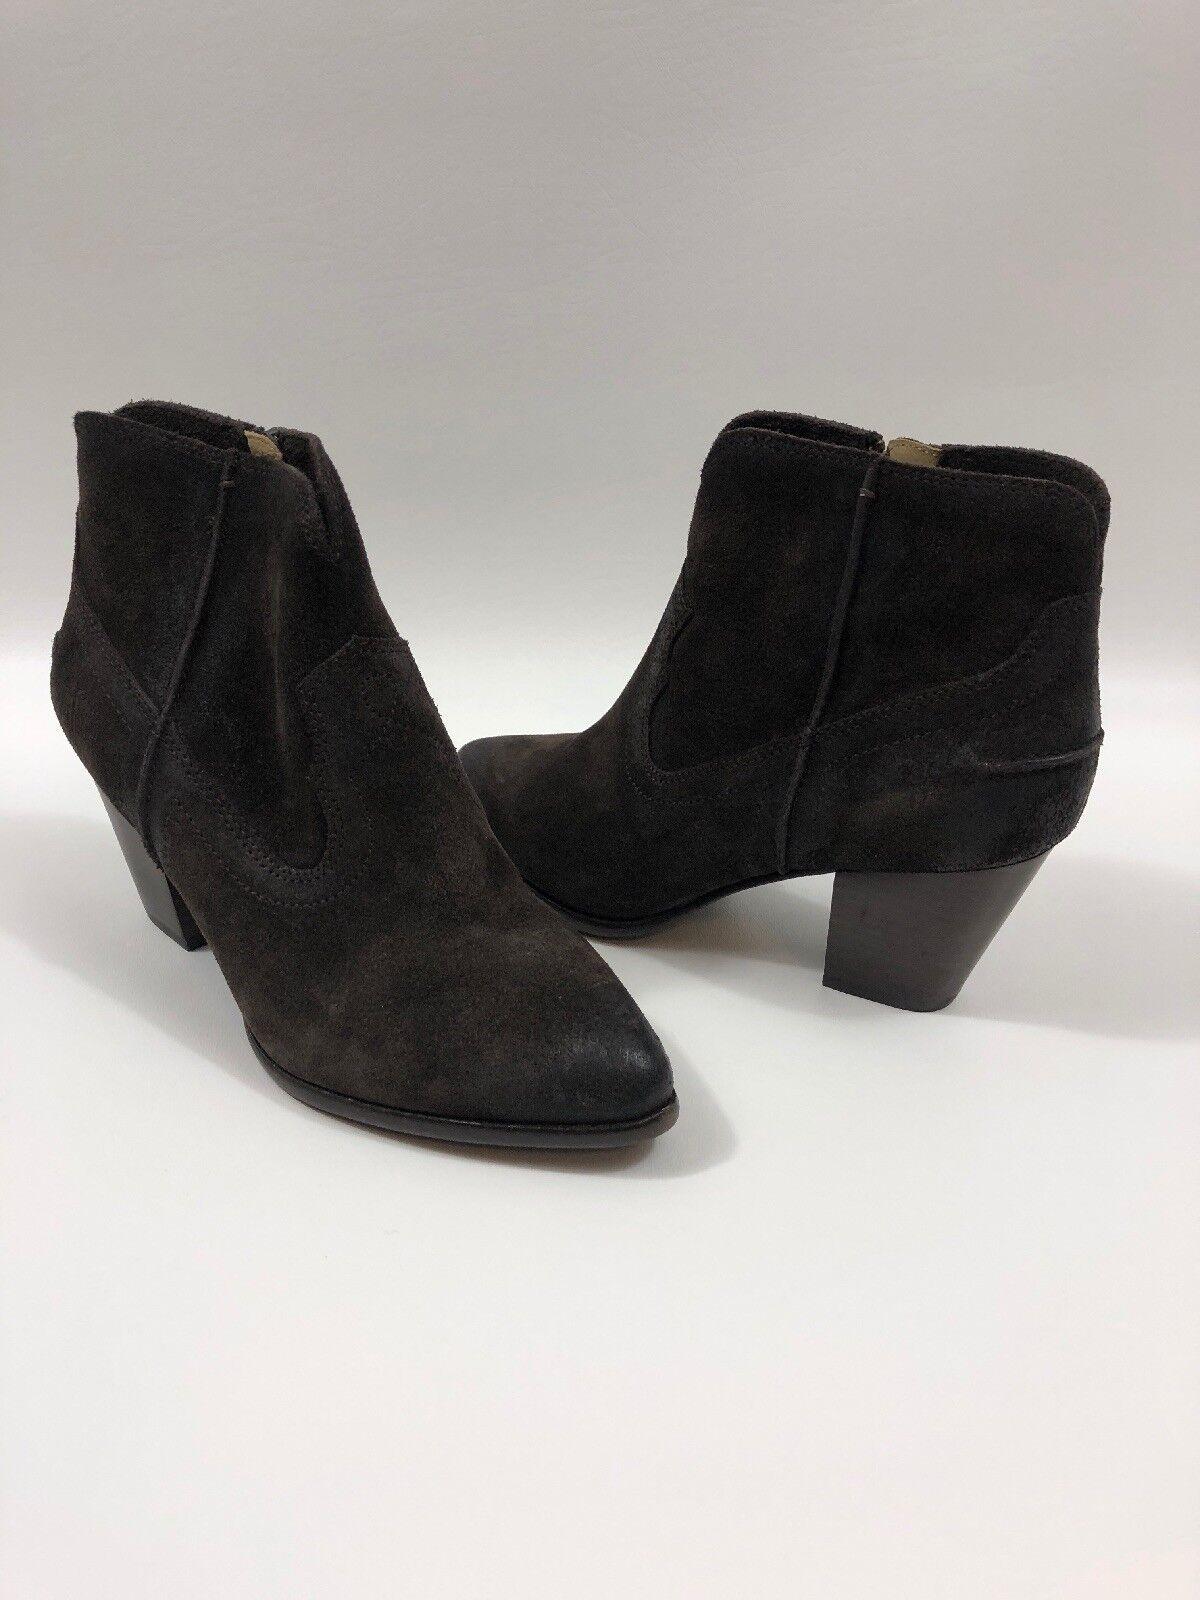 Fry donna  Renee Seam Short stivali Dimensione 8.M  risparmia fino al 70% di sconto